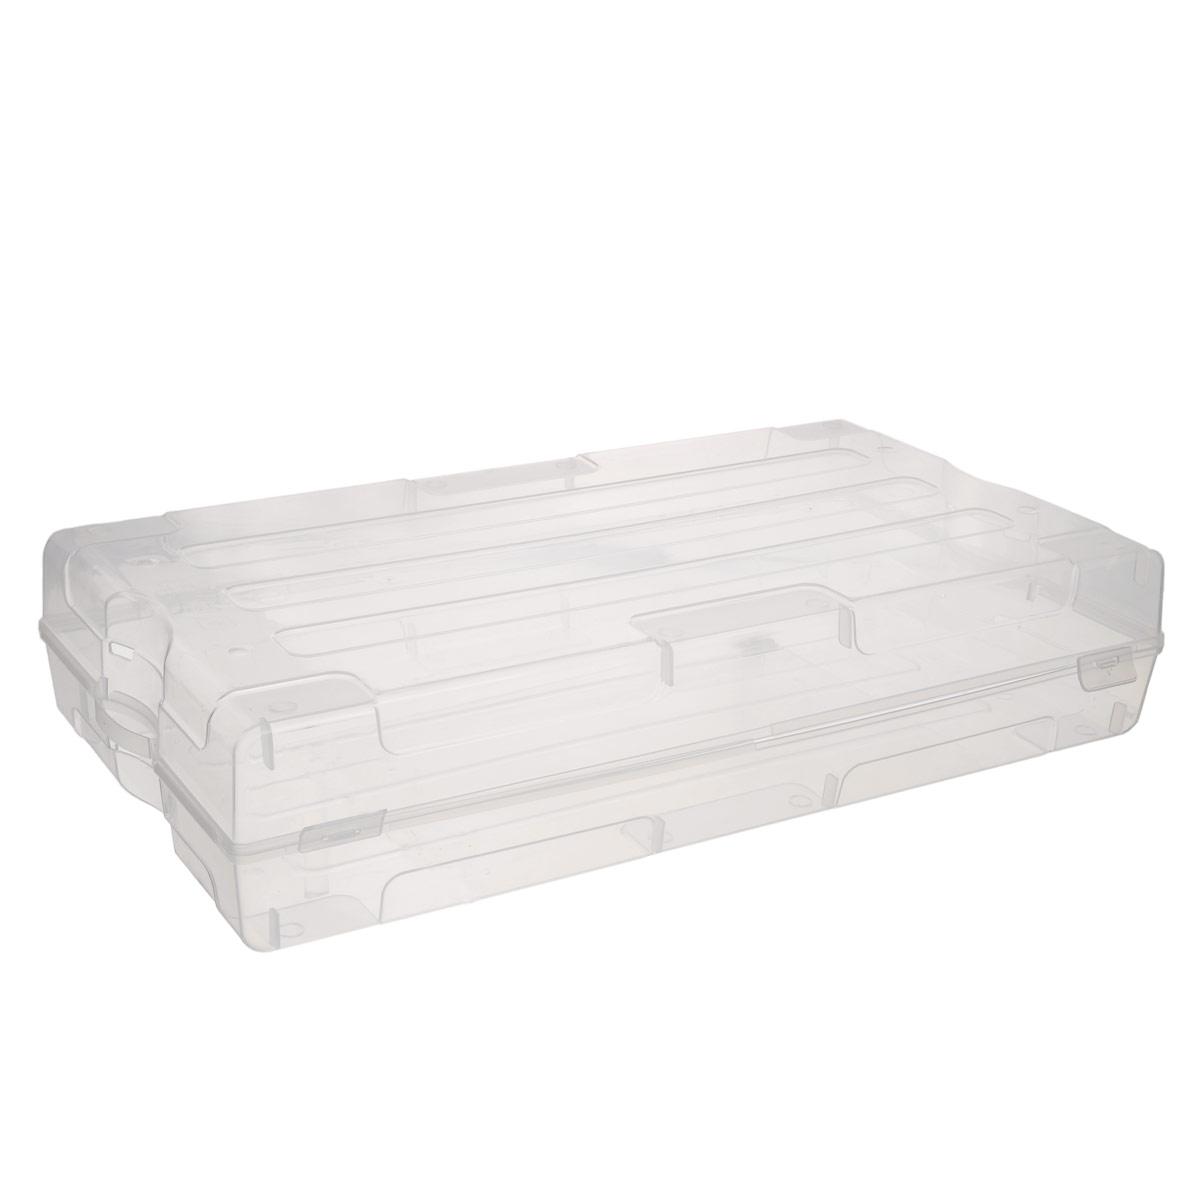 Коробка для хранения обуви Idea, 61 х 34 х 13 см контейнер для хранения idea деко бомбы 10 л